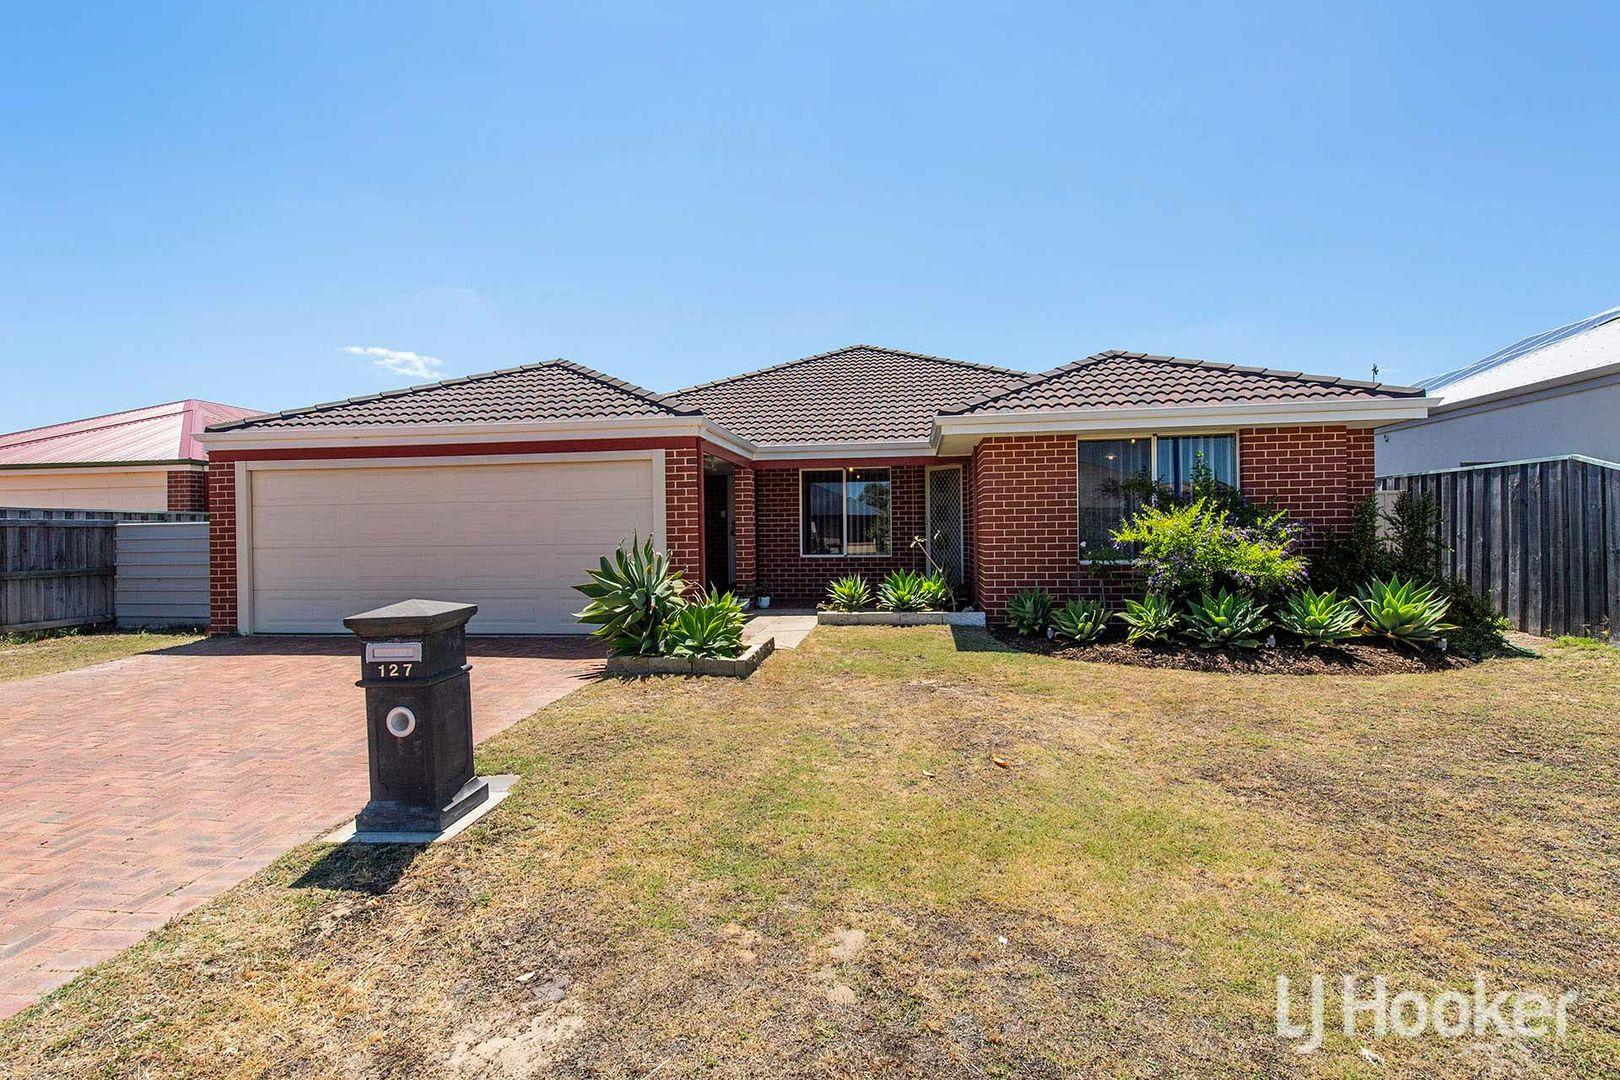 127 Macquarie Drive, Australind WA 6233, Image 0